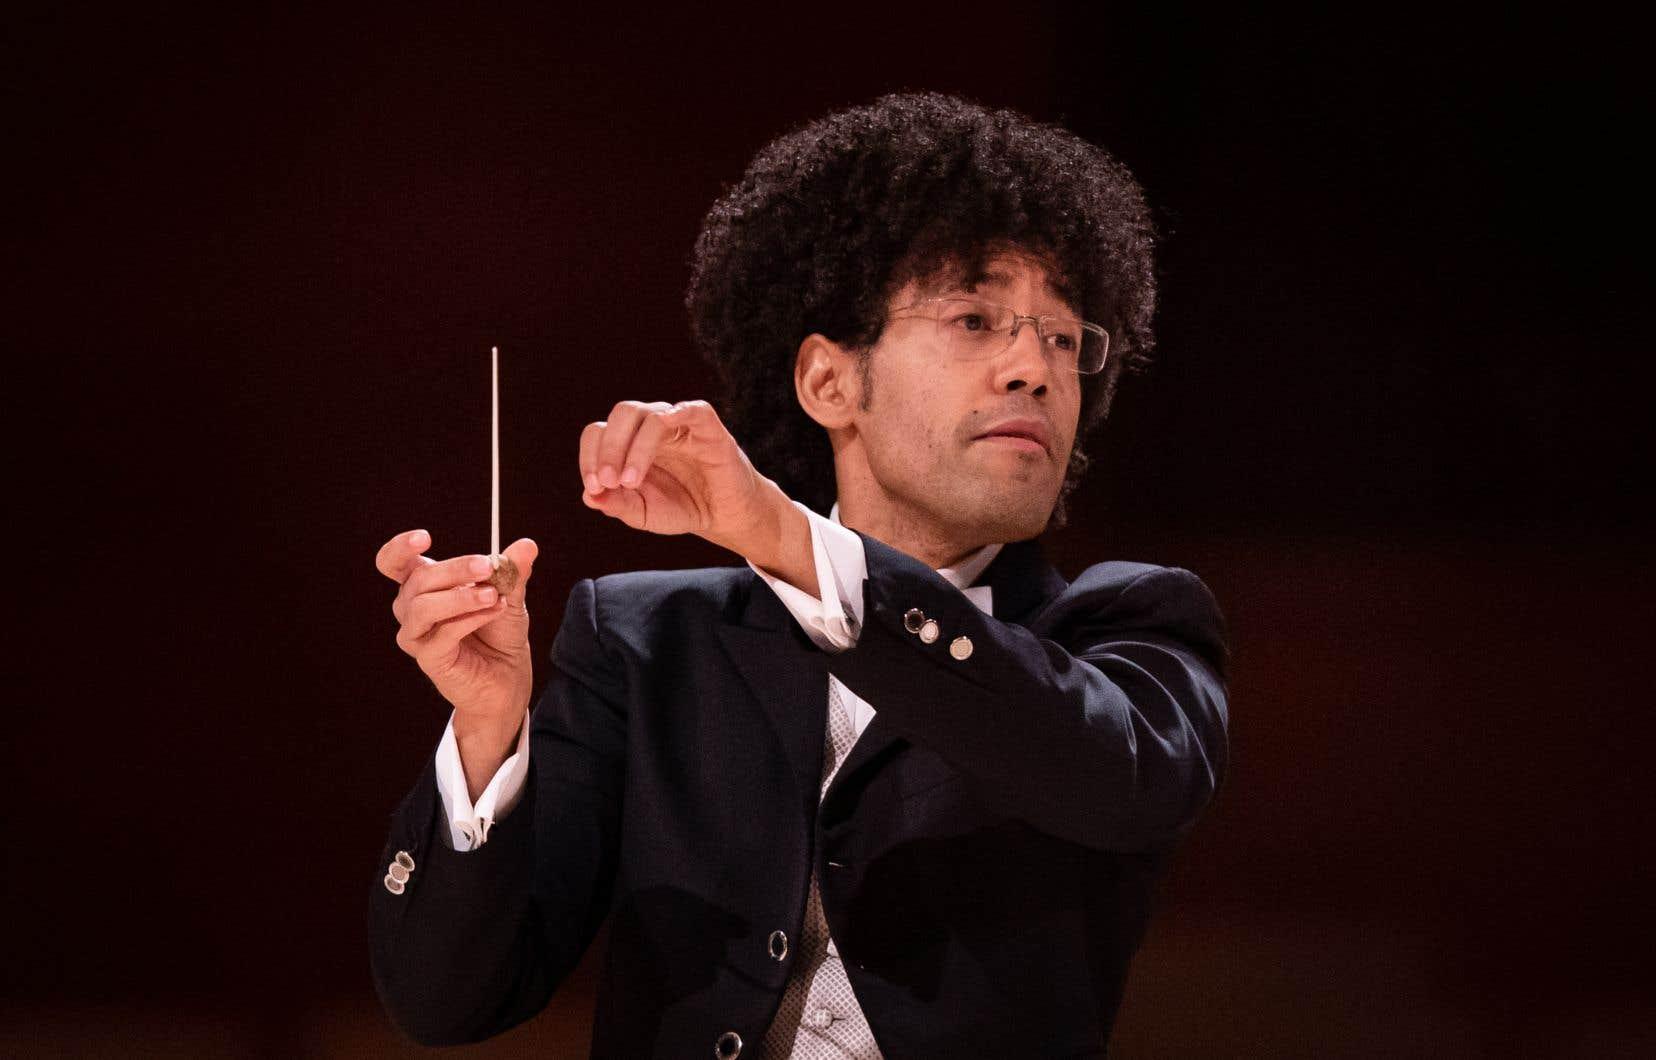 Le nouveau directeur musical de l'OSM,Rafael Payare (ici photographié lors du concert de dimanche après-midi), risque de surprendre par la tenue et la maturité de ses interprétations.